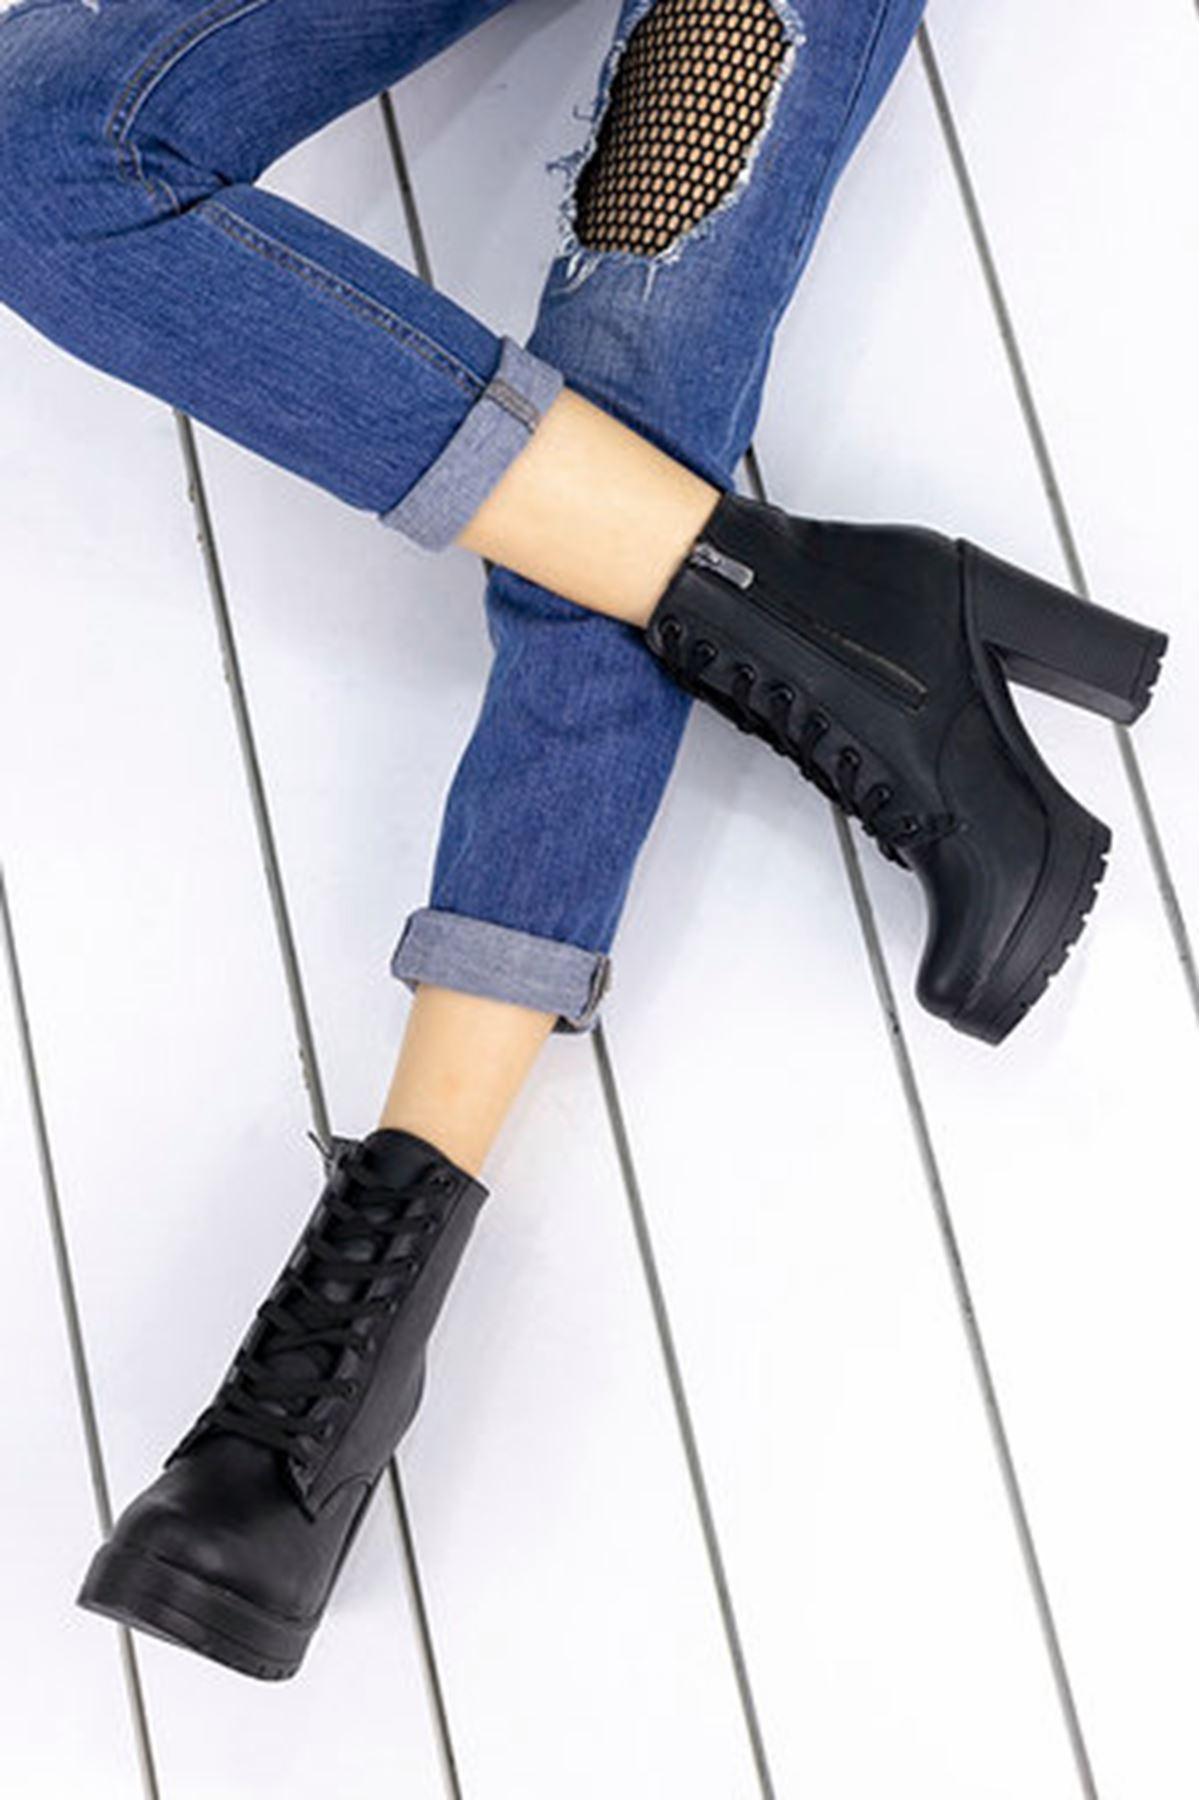 Albiana Mat Deri Bağcık Detay yüksek Topuklu Bot Siyah